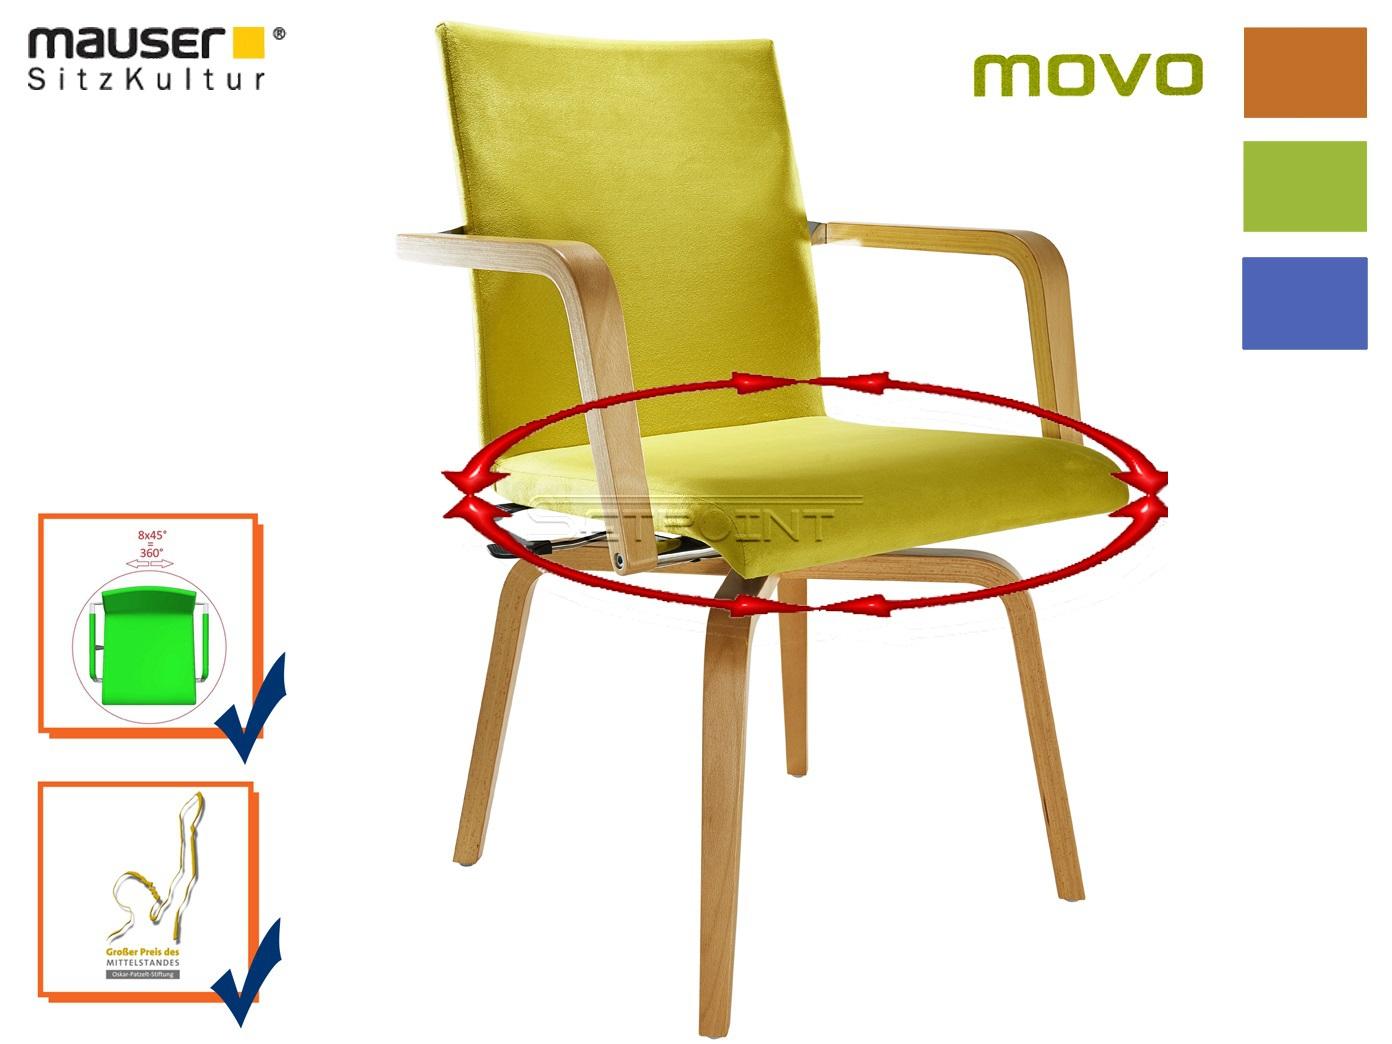 Grüner Funktionsstuhl MOVO Rotationsstuhl Senioren Stuhl